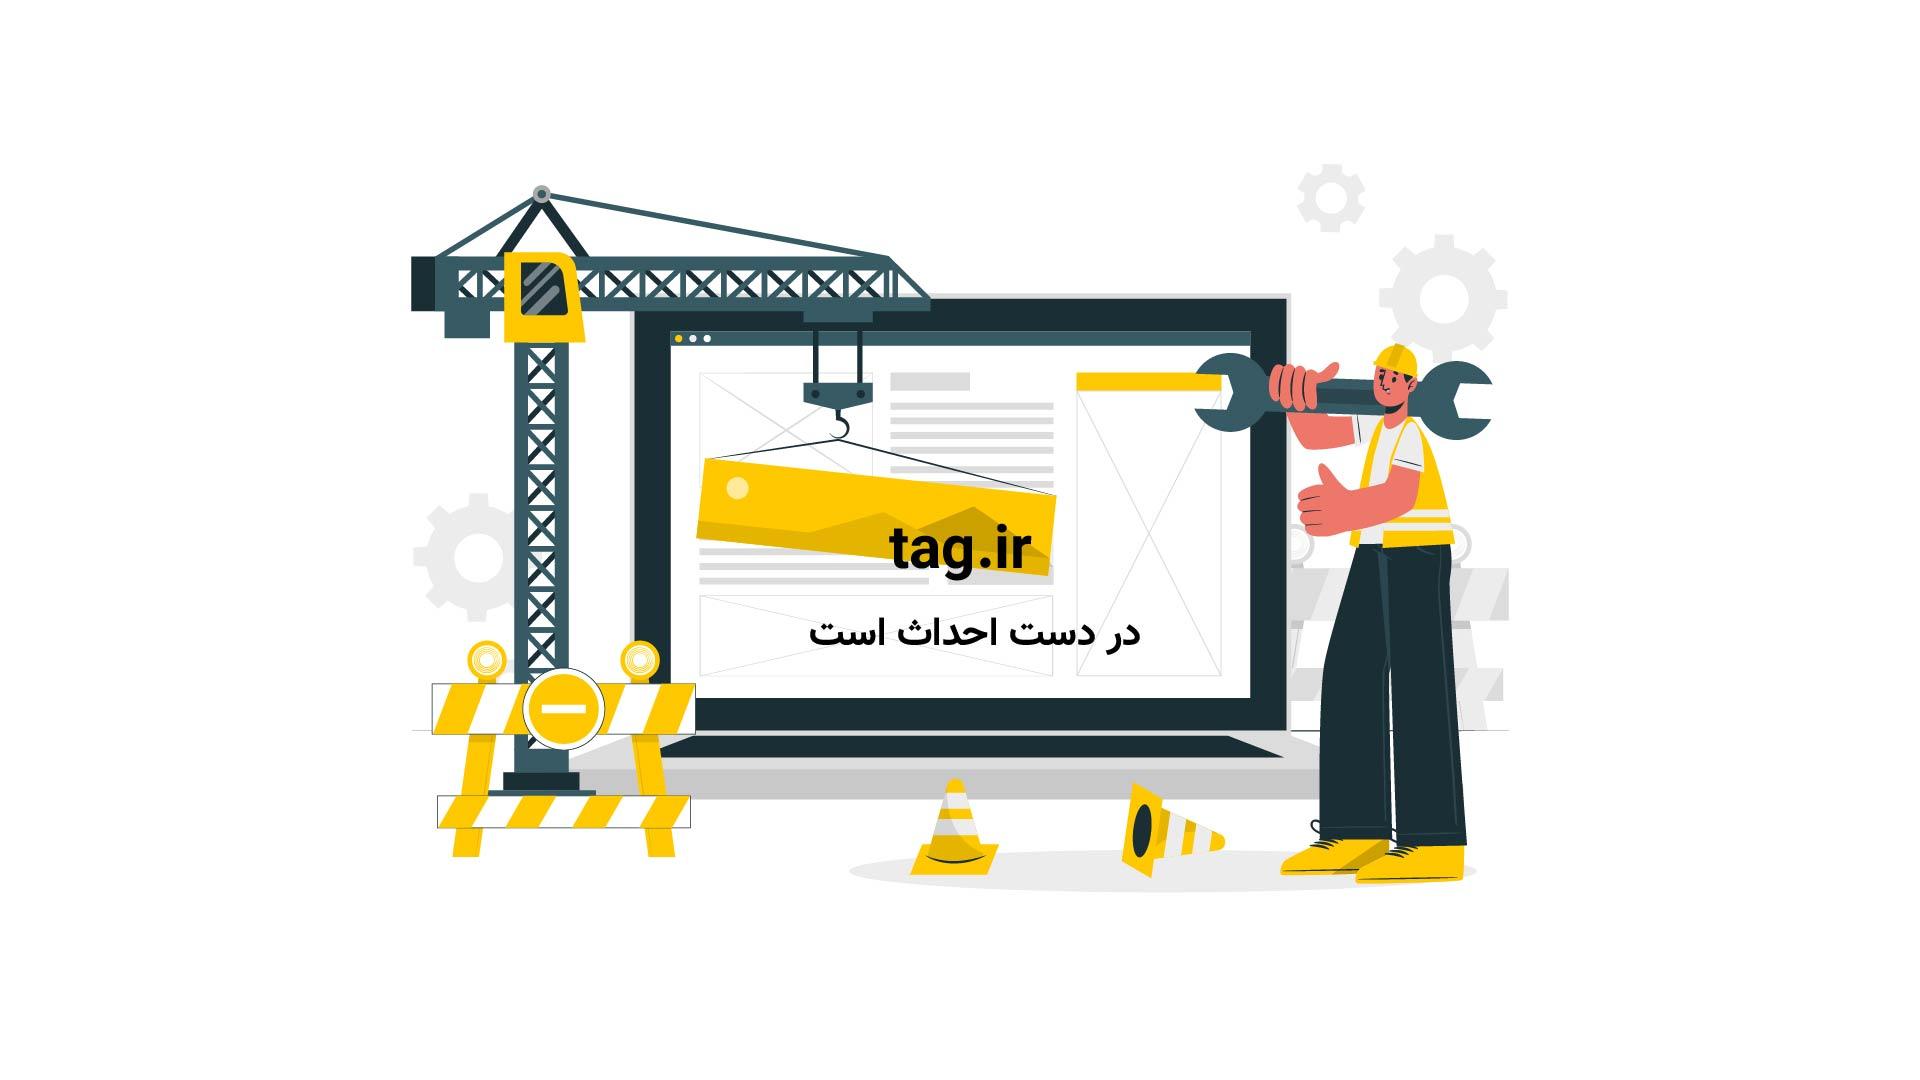 سخنرانیهای تد؛ آیا شما انسانید | فیلم